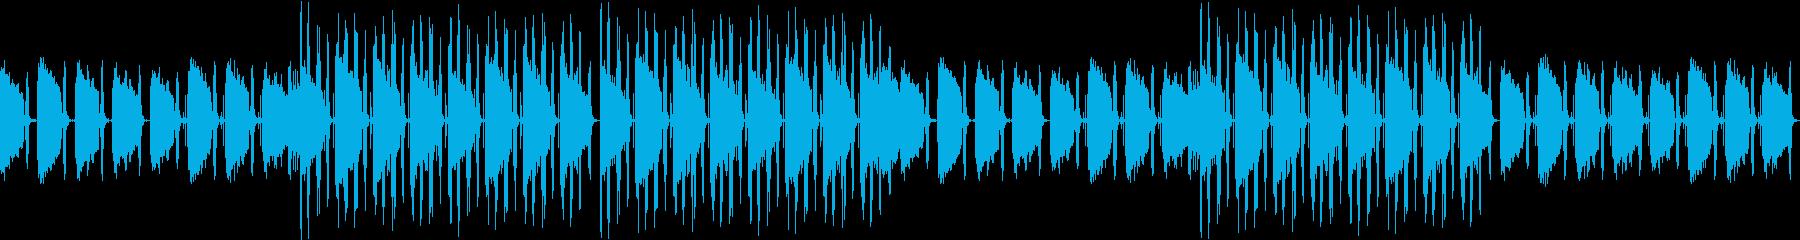 ループ可★ノリのよいスラップベースBGMの再生済みの波形